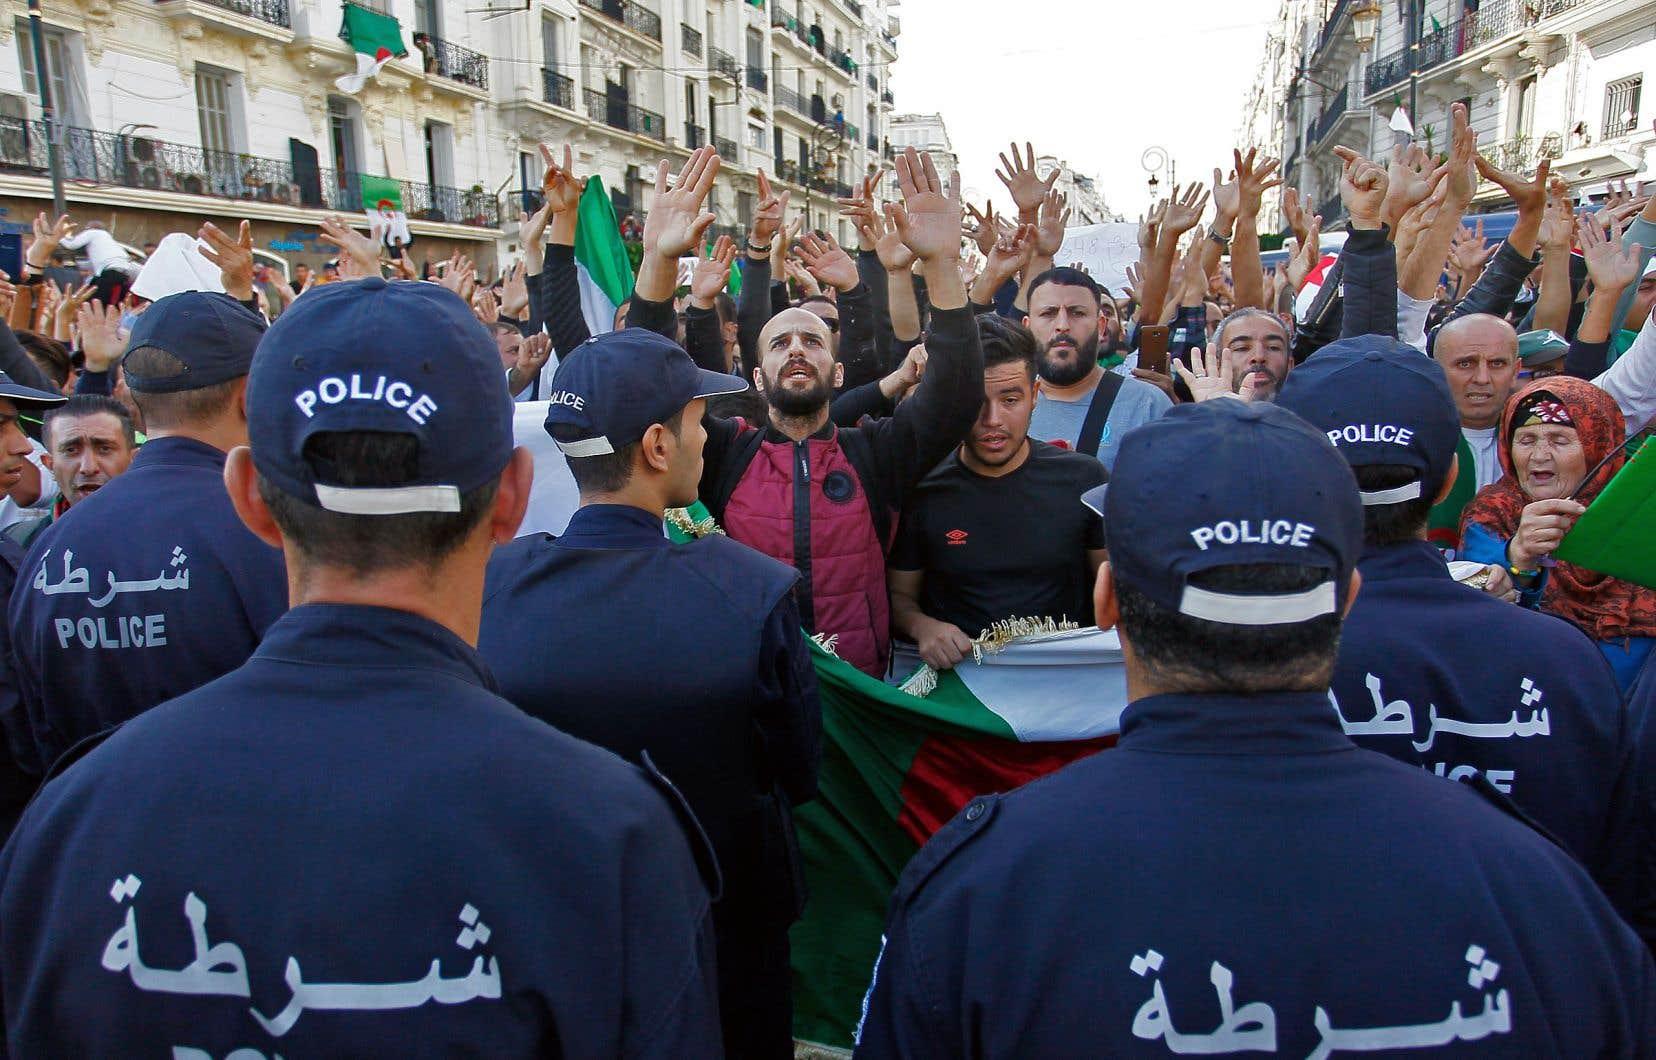 Des millions de personnes sont descendues dans les rues d'Alger vendredi pour réclamer le départ du régime en place et la construction d'une nouvelle Algérie, moderne et démocratique.